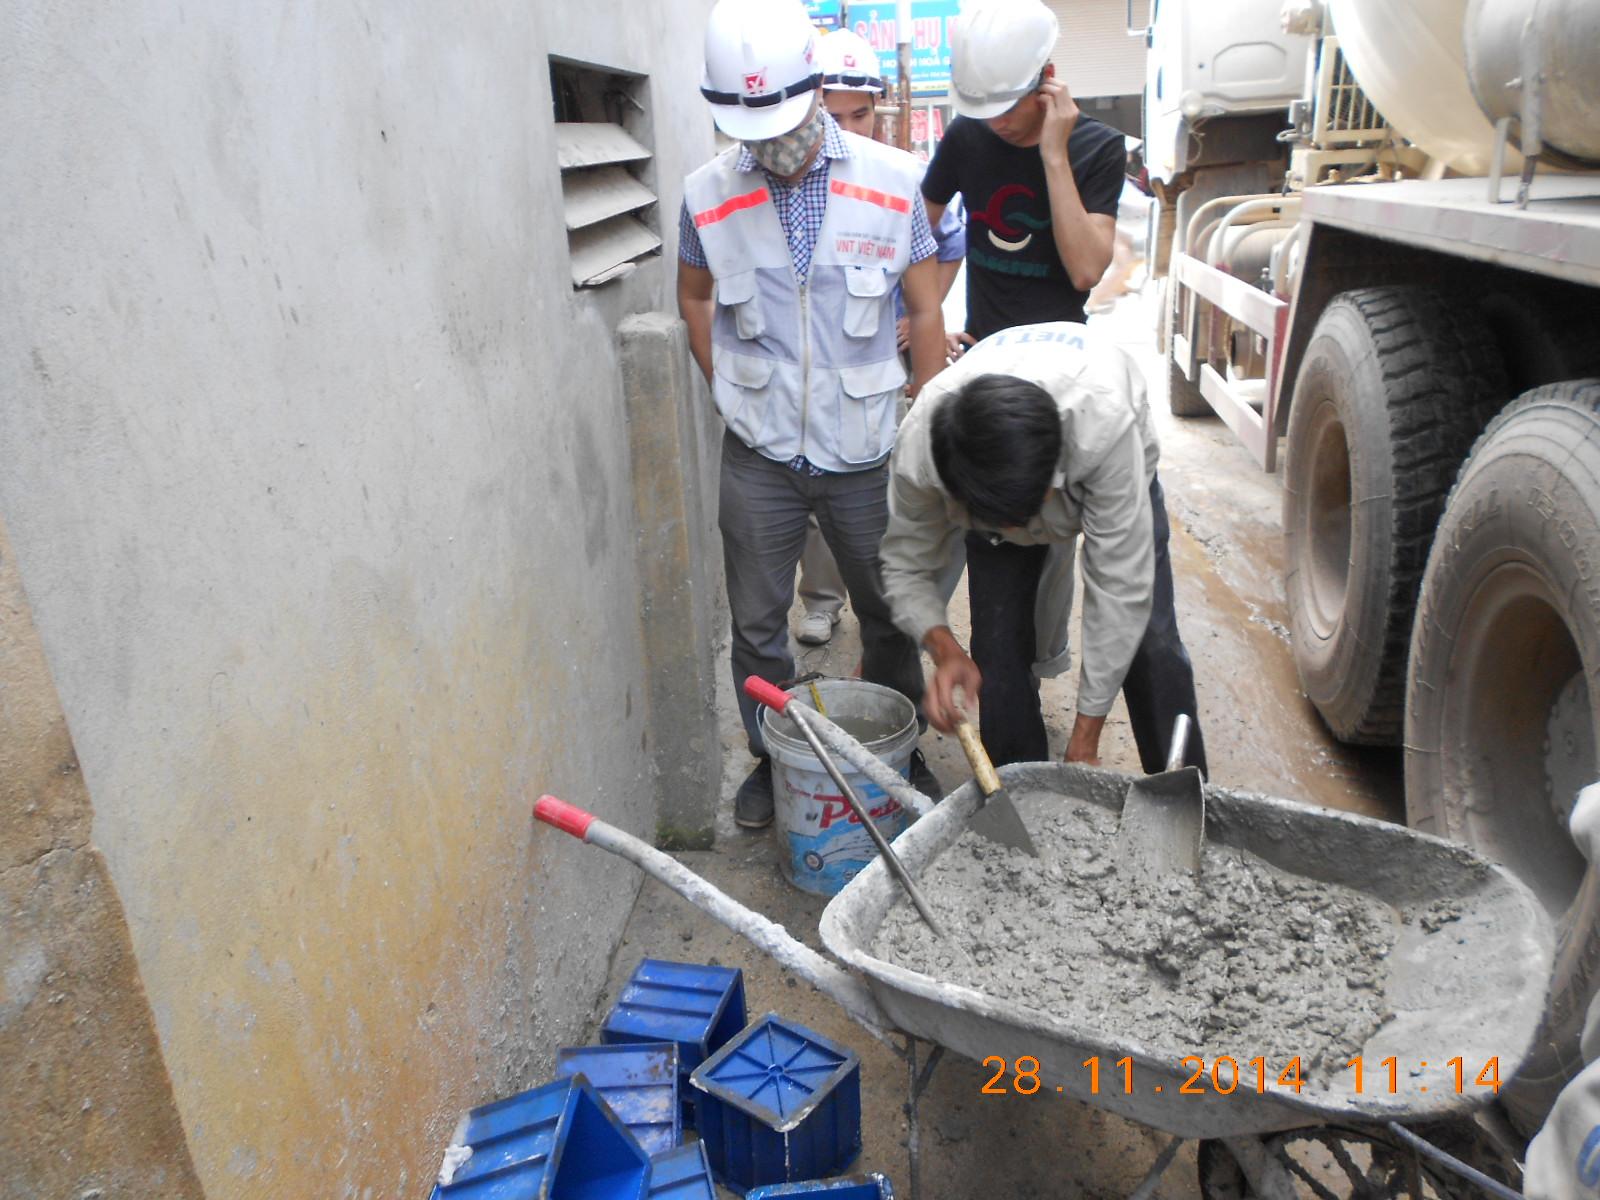 Giám sát quá trình lấy mẫu bê tông thương phẩm tại hiện trường